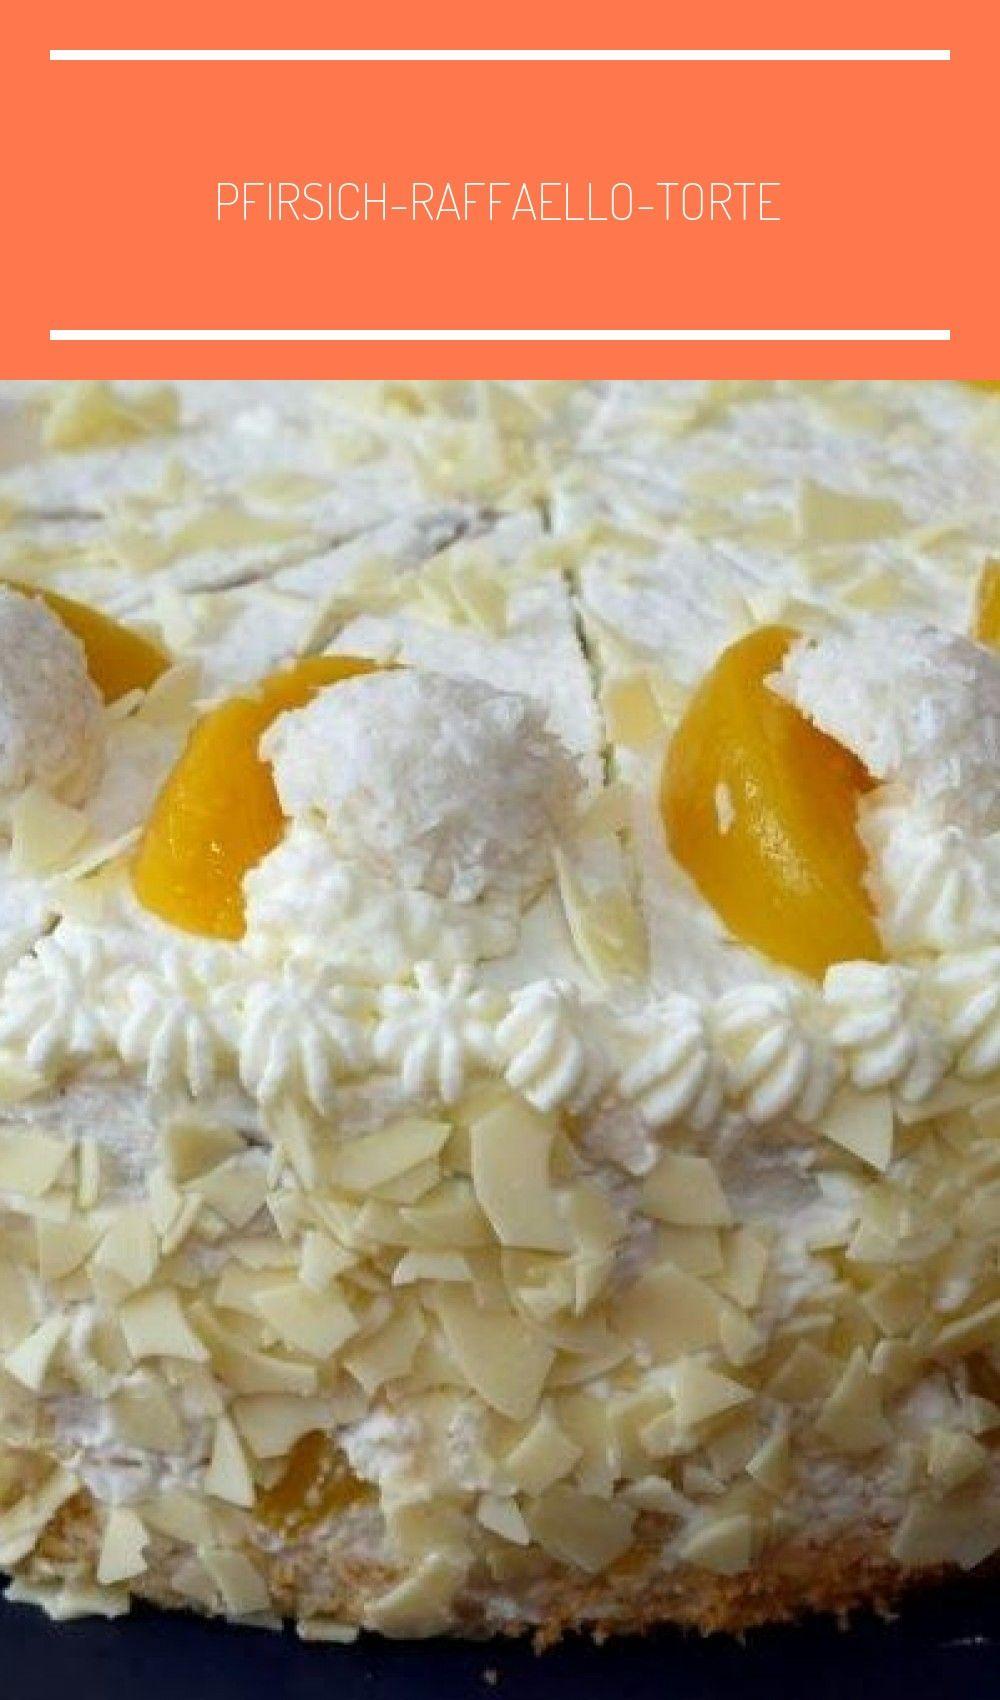 Experimente Aus Meiner Kuche Pfirsich Raffaello Torte Tarta Dulces De Durazno Pfirsich Raffaello Torte In 2020 Food Dulce Torte